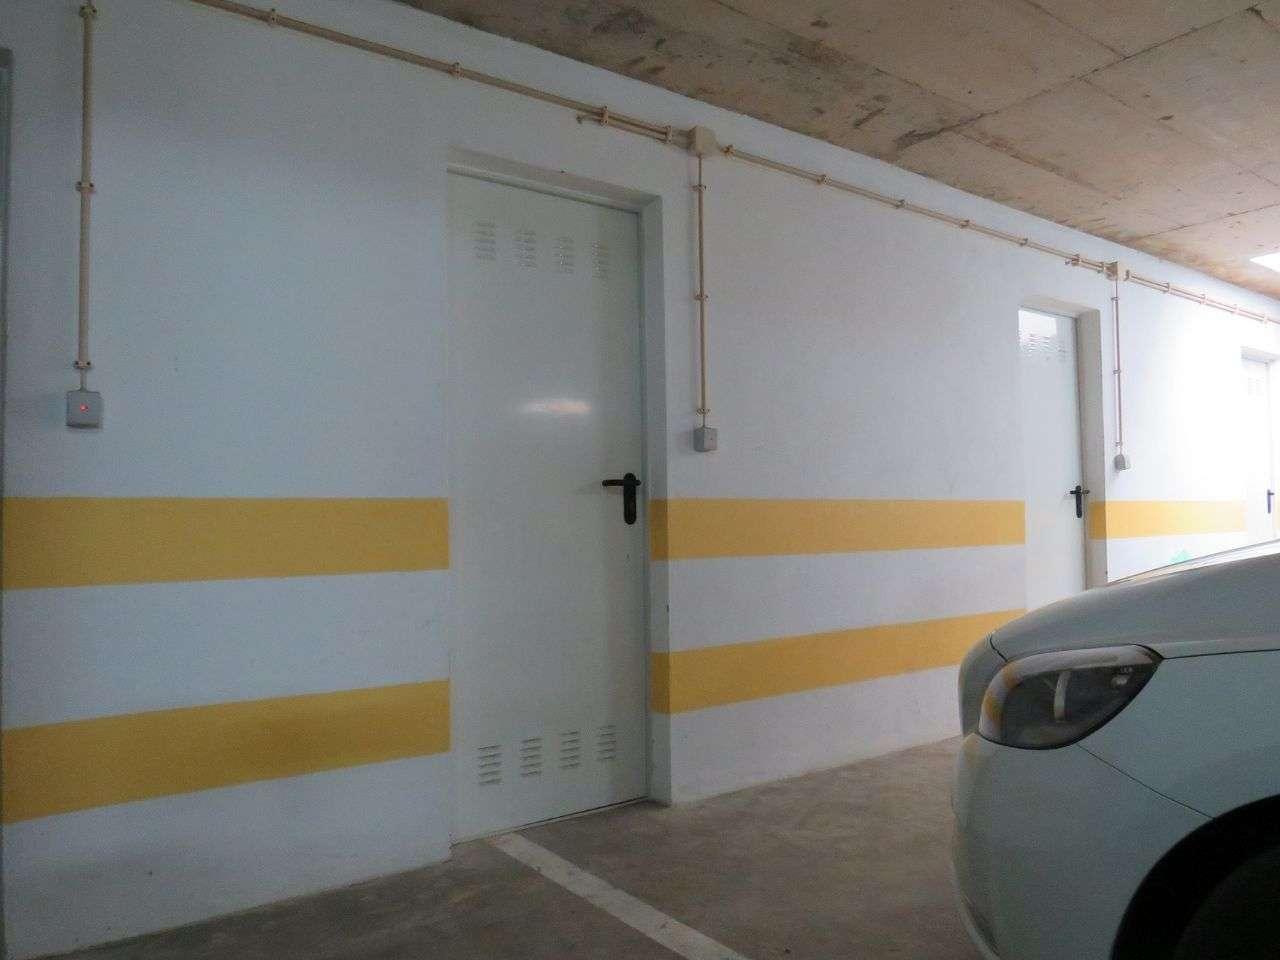 Apartamento para comprar, Avenida Julio Cristovão Mealha - Urbanização Vale das Rãs, São Clemente - Foto 22